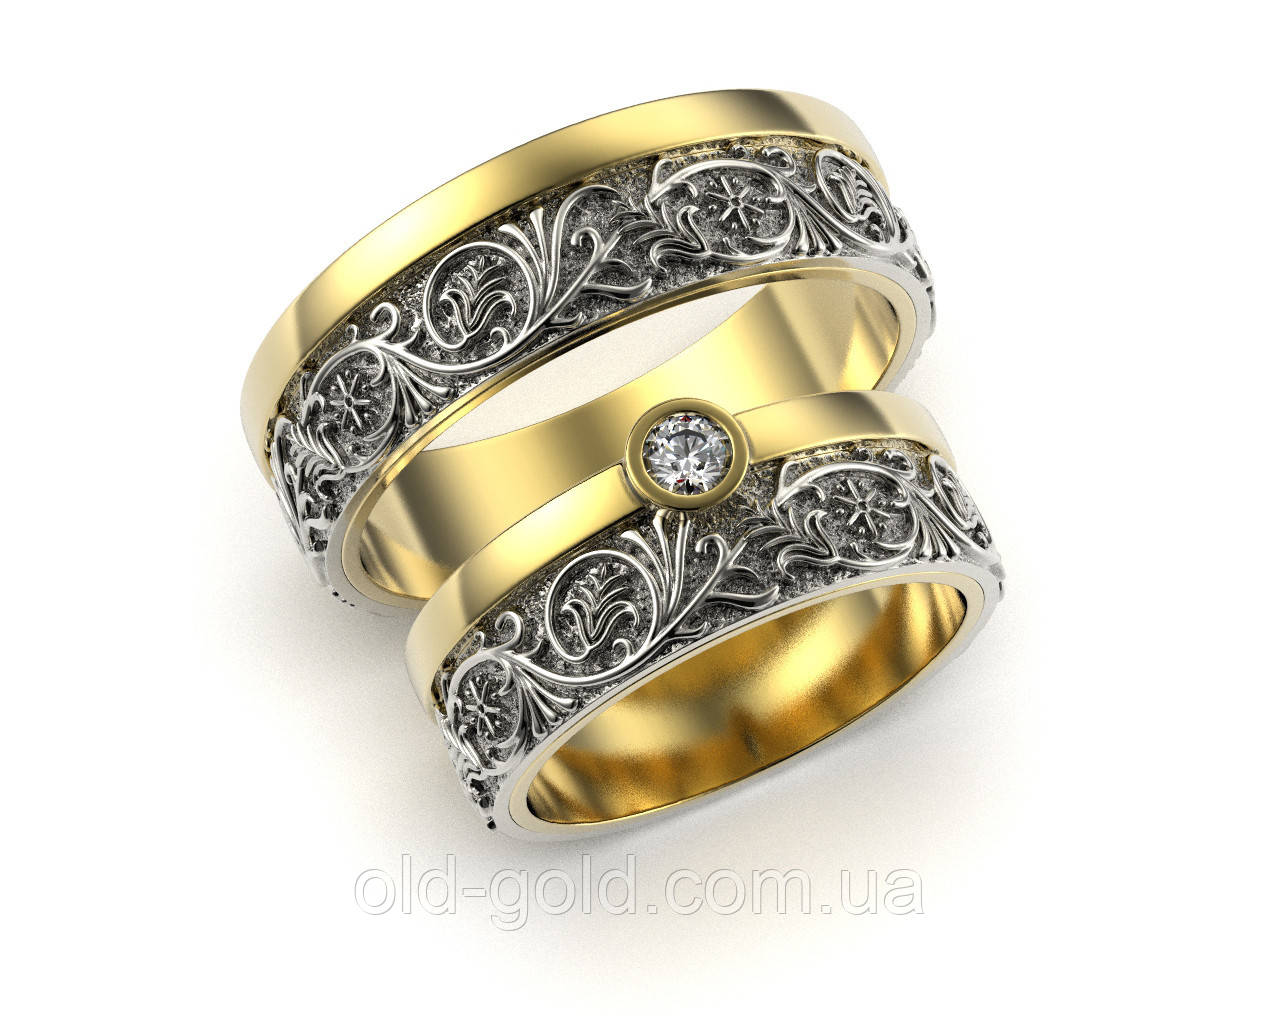 7f6ca25bf2db Обручальные кольца